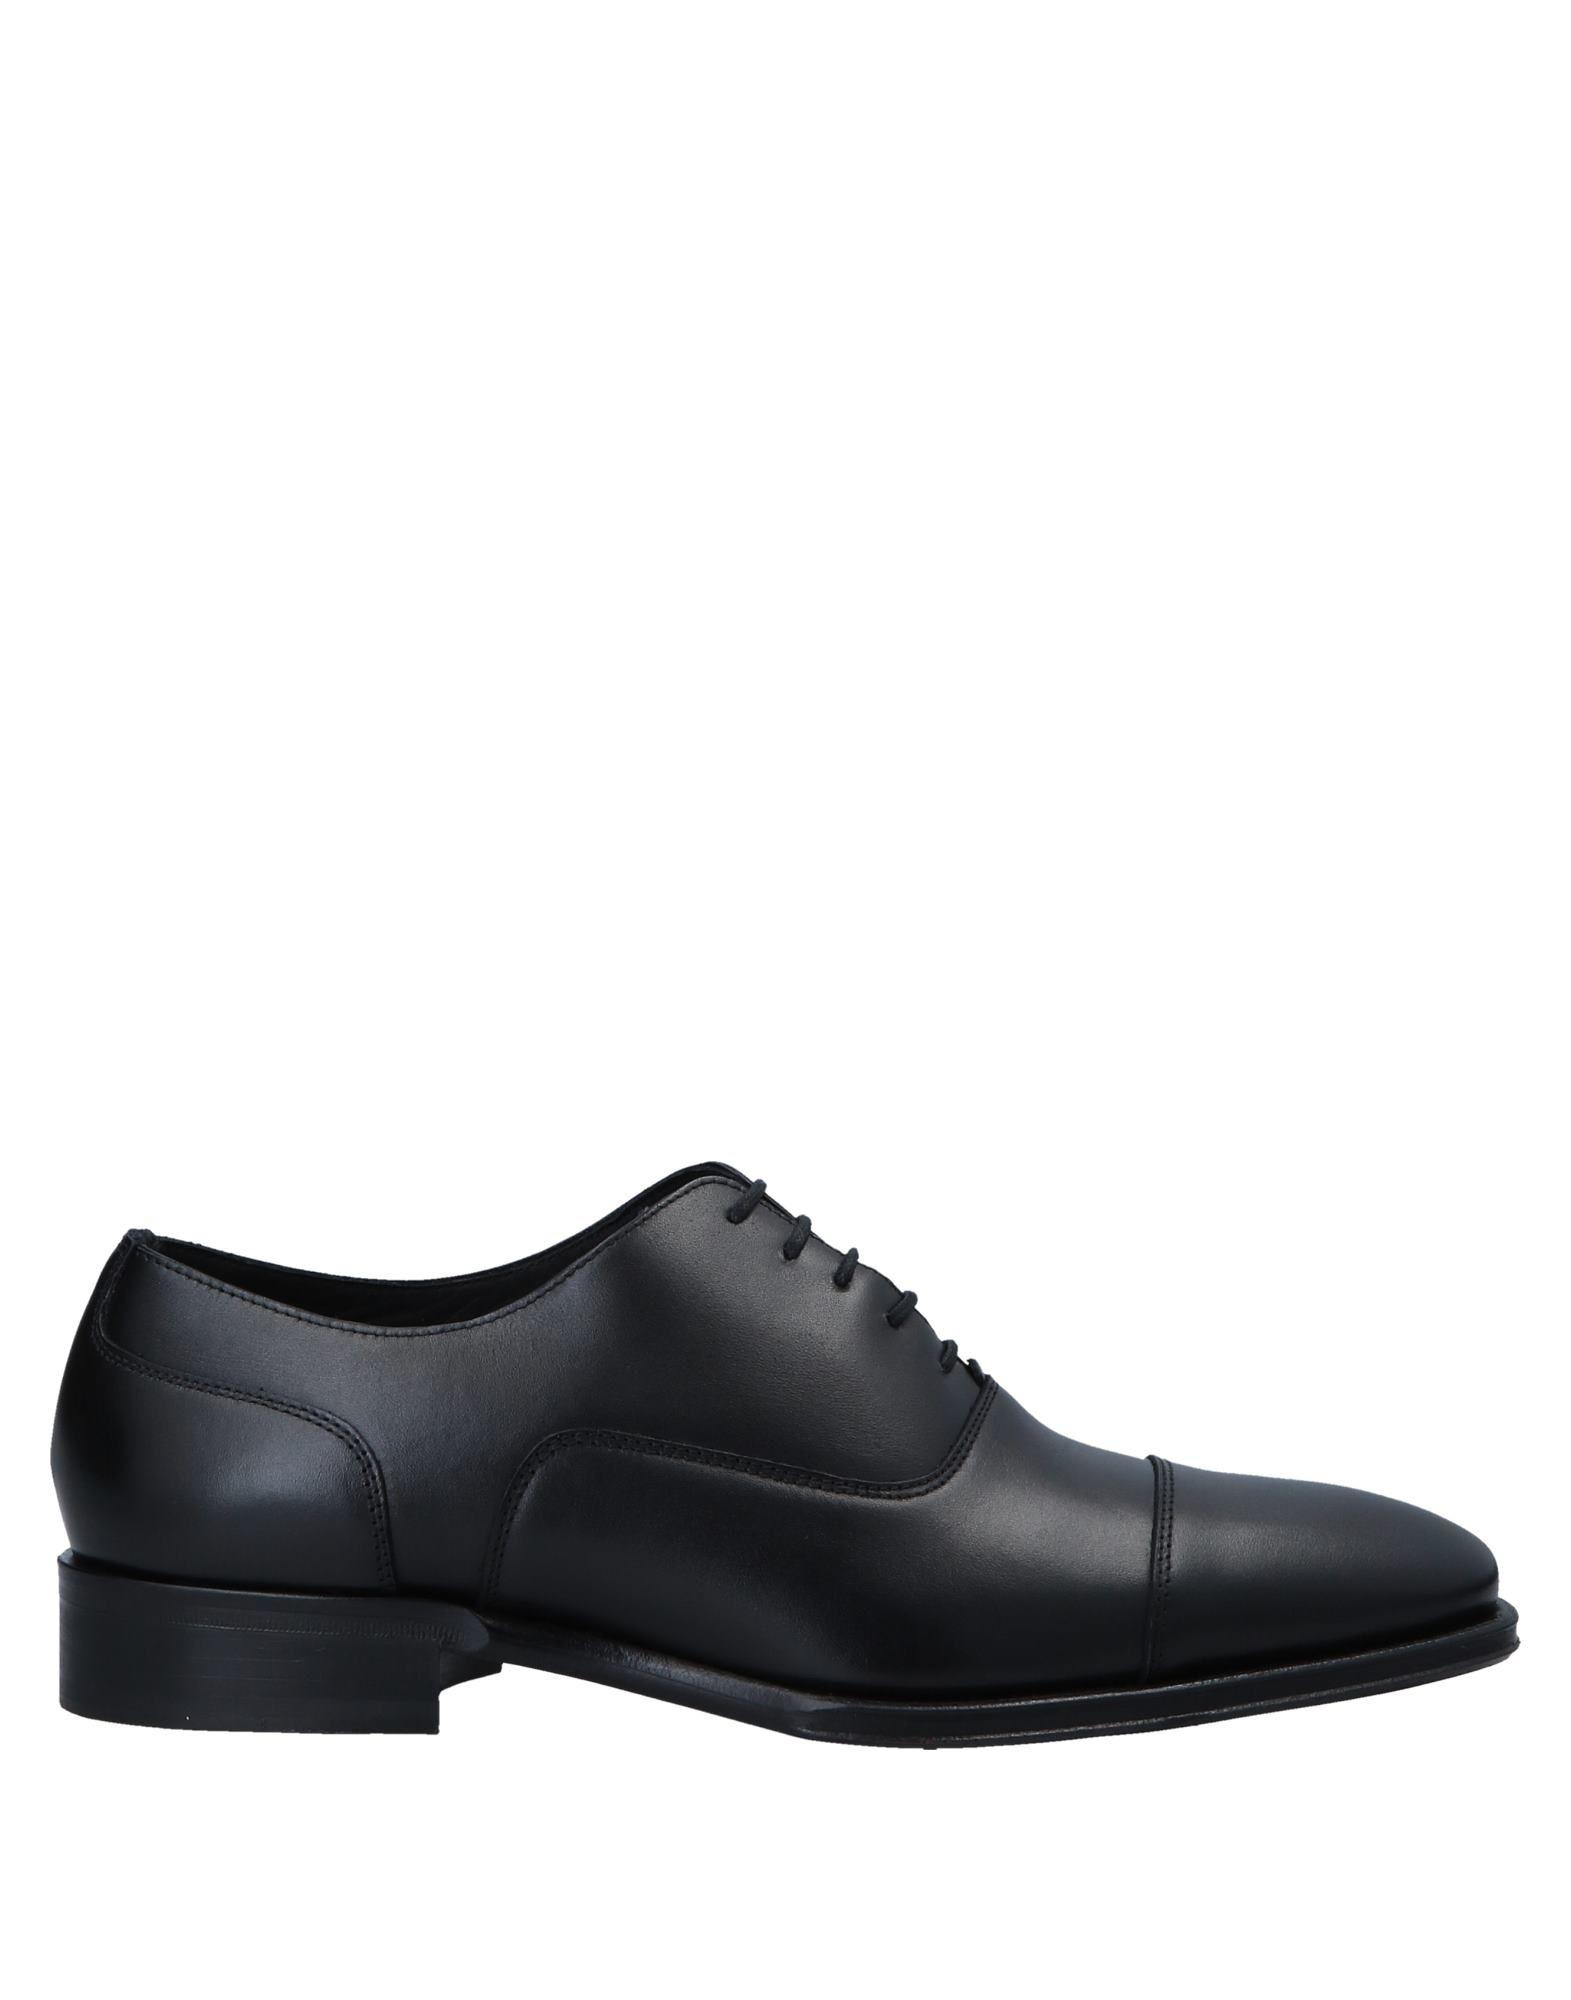 Dsquared2 Schnürschuhe Herren  11547764XL Gute Qualität beliebte Schuhe